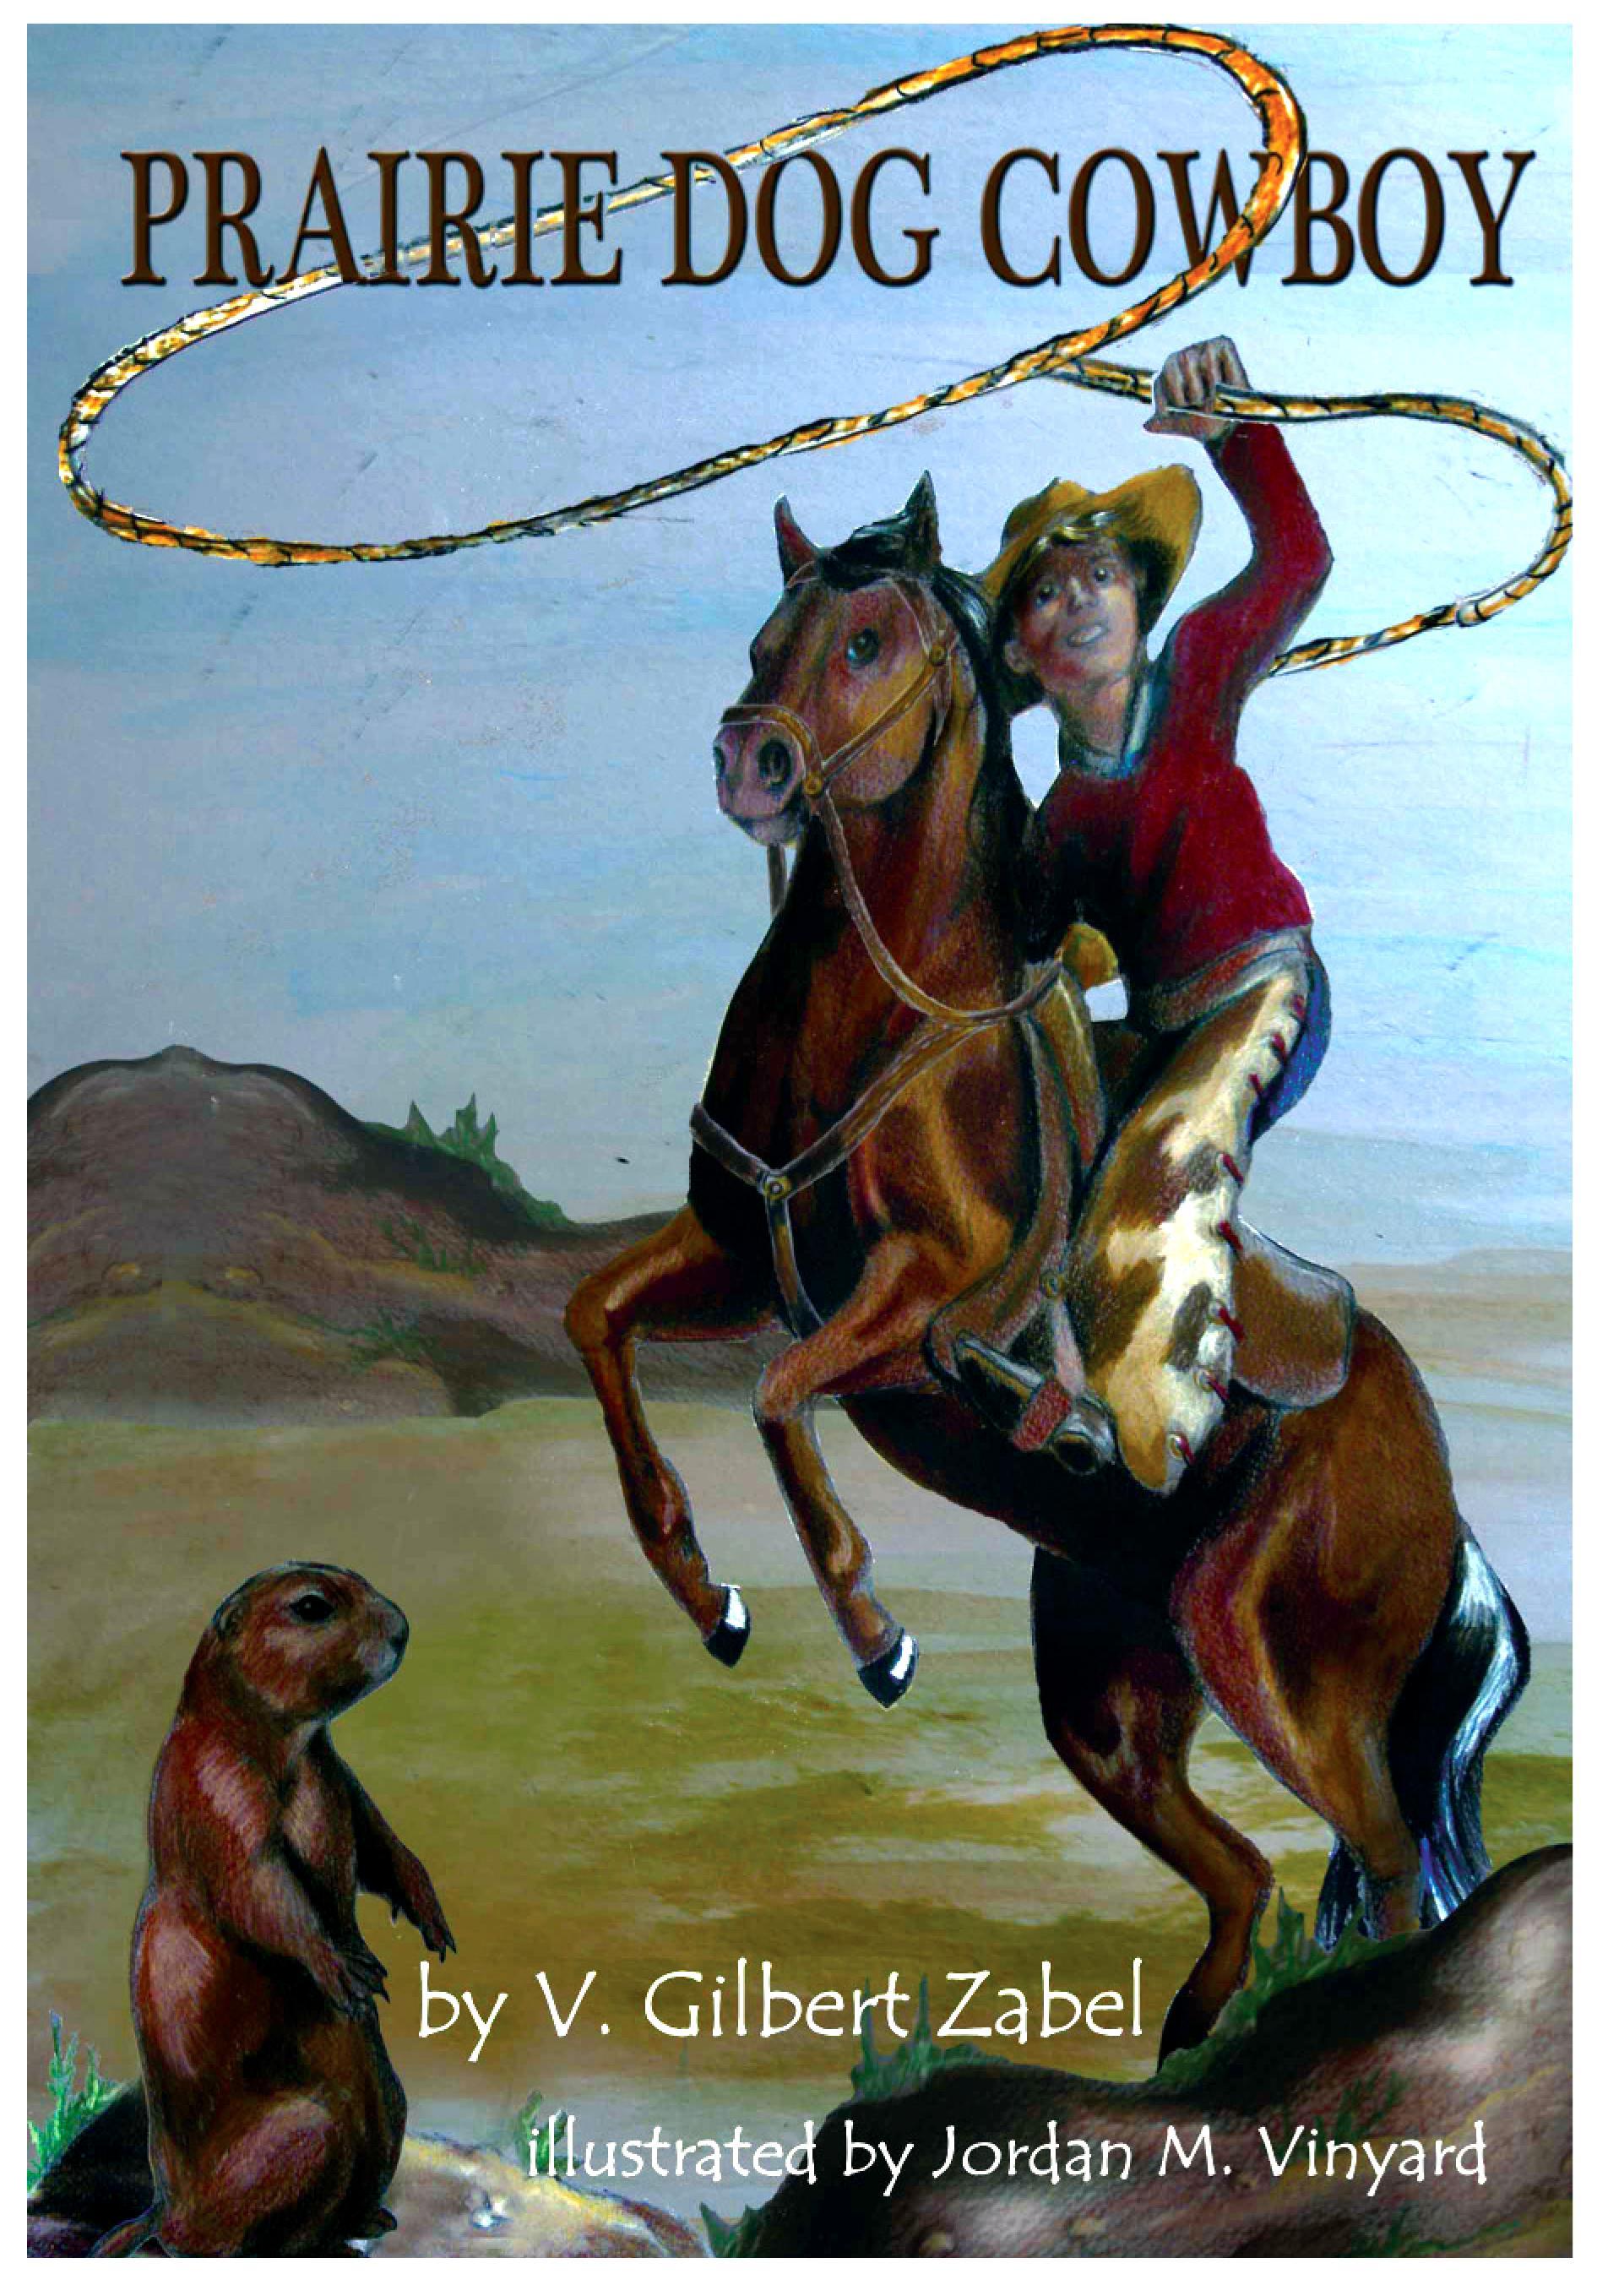 Prairie Dog Cowboy Cover